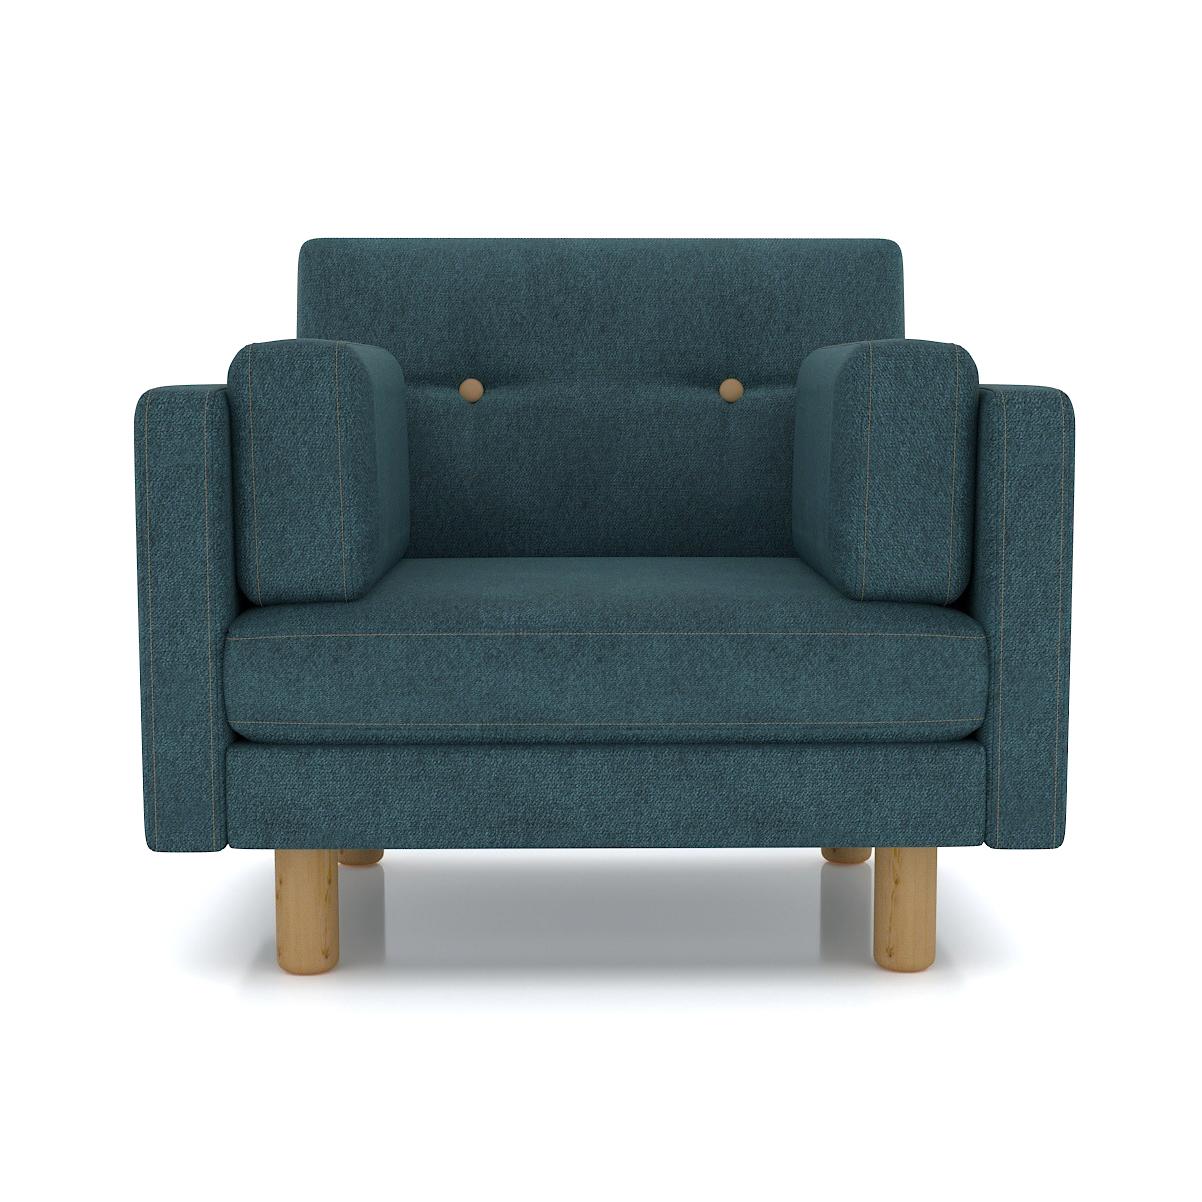 Кресло AS Изабелла м 90x80x83 голубой диваны